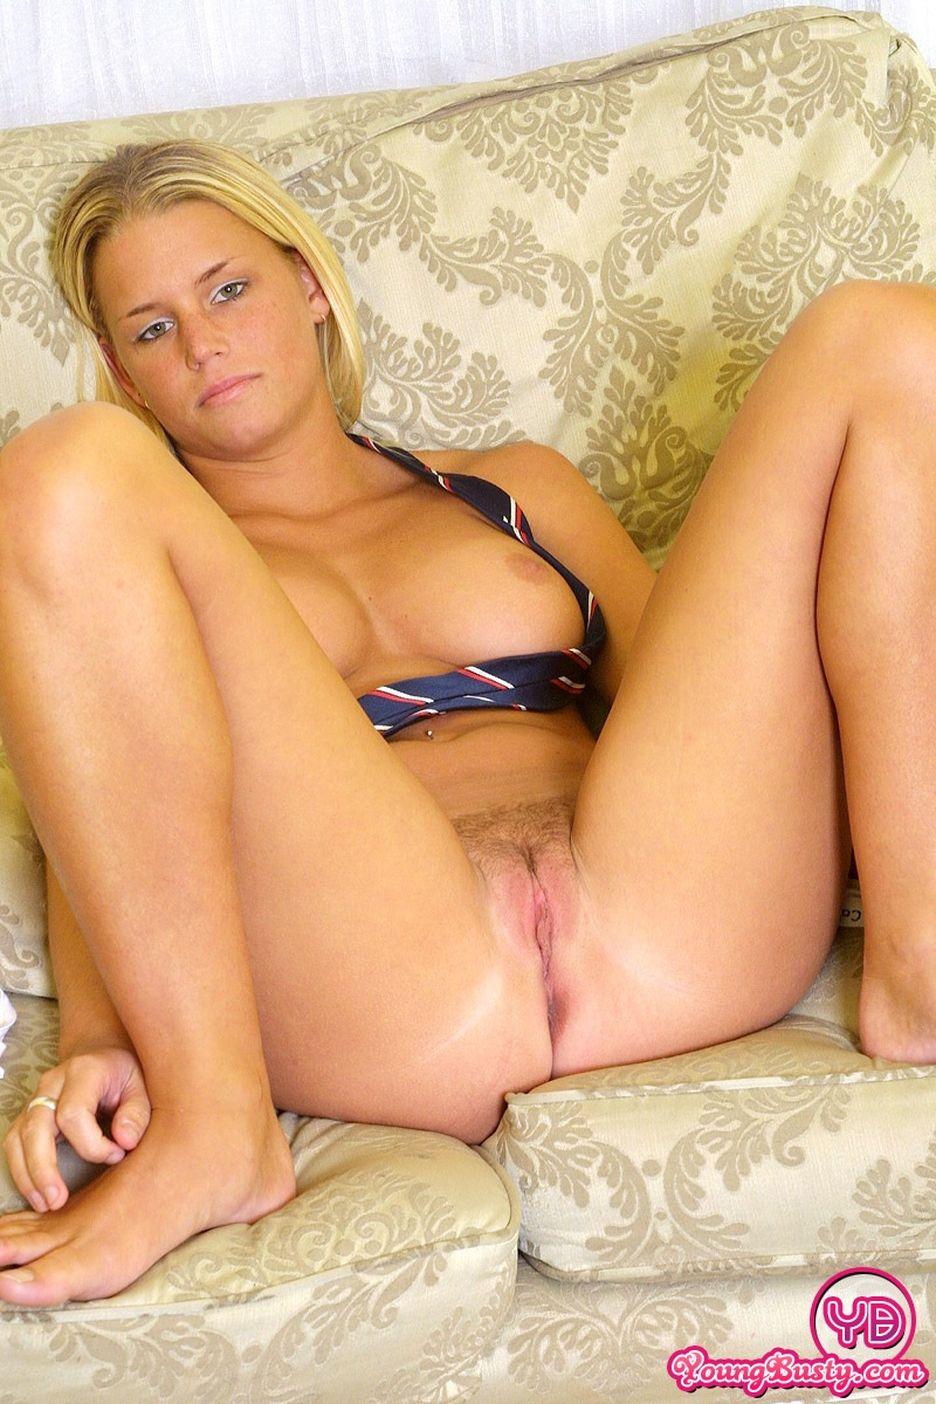 virgin girls naked little pussy